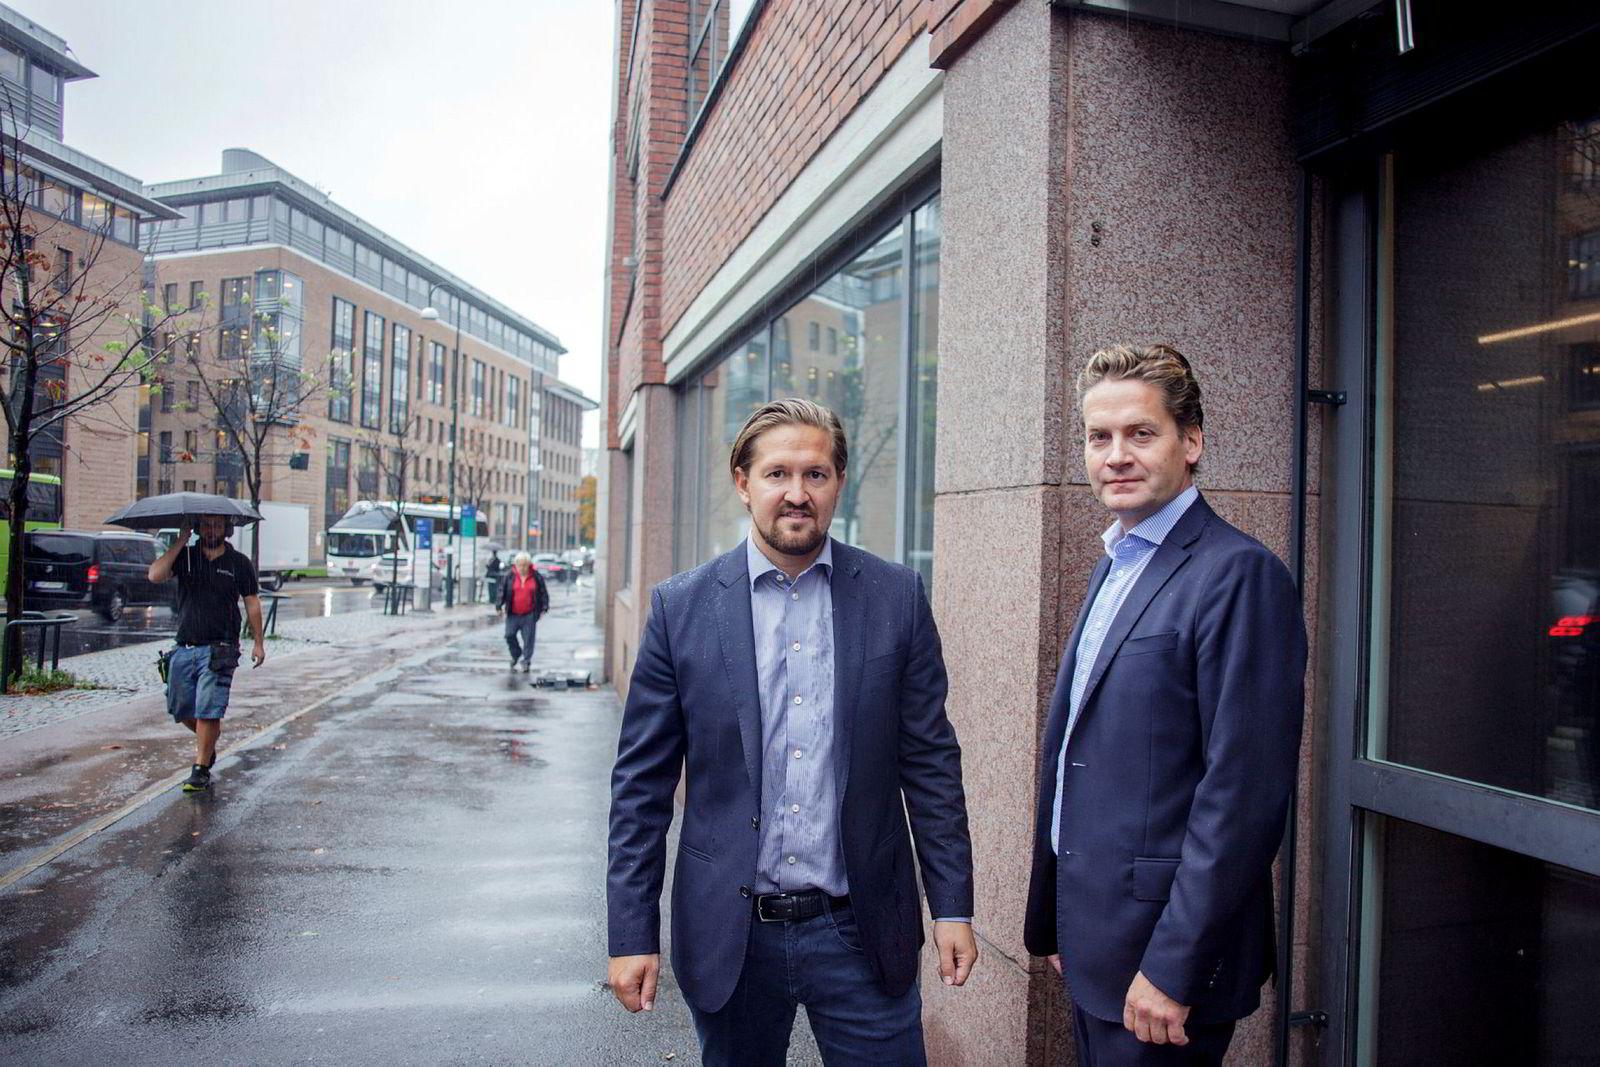 Kahoot ligger an til å nå sine mål om brukervekst, og forventer 100 millioner månedlige aktive brukere ved utgangen av året. Fra venstre: Administrerende direktør i Kahoot Åsmund Furuseth og styreleder Eilert Hanoa.